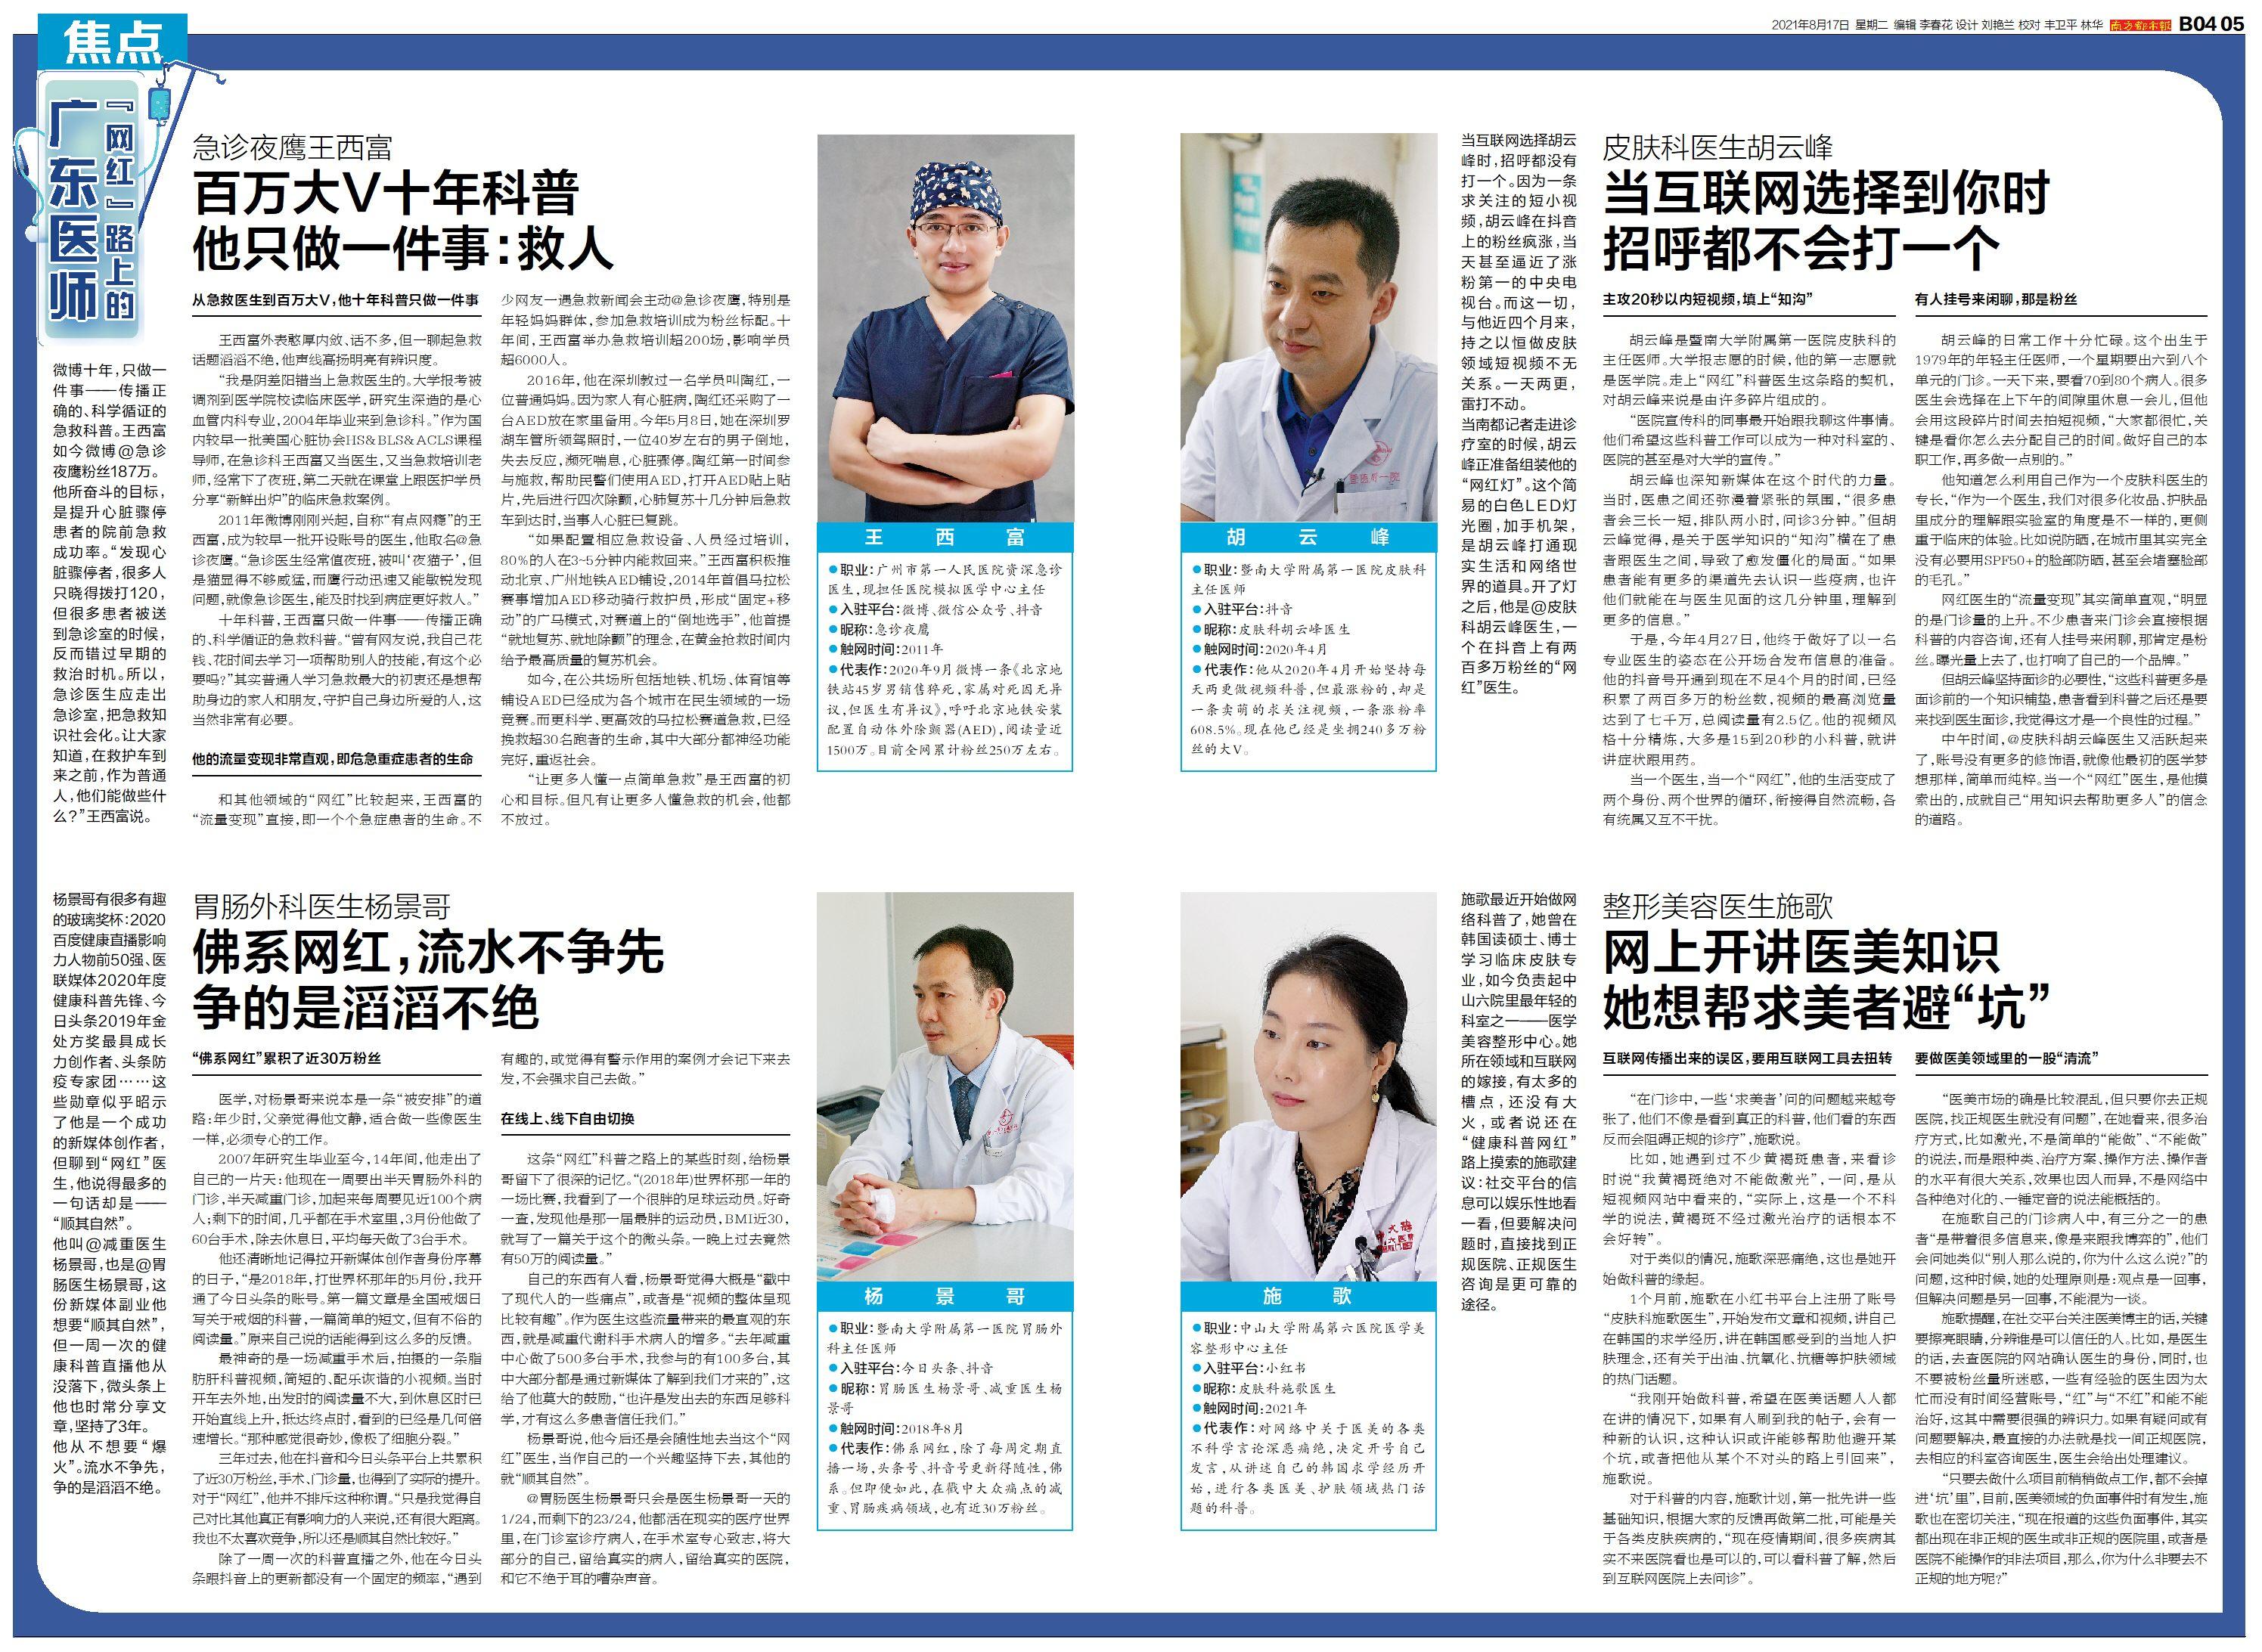 皮肤科医生胡云峰:当互联网选择到你时 招呼都不会打一个